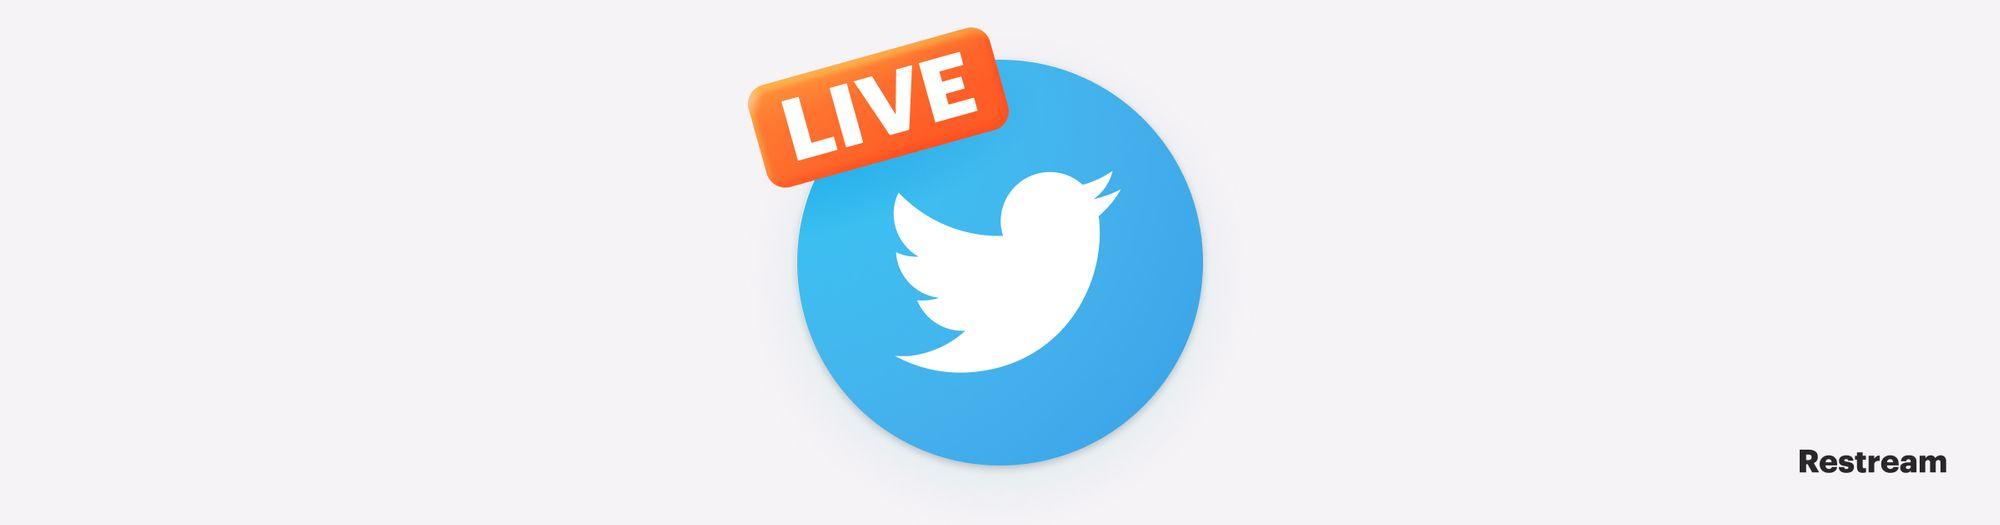 Twitter Live logo